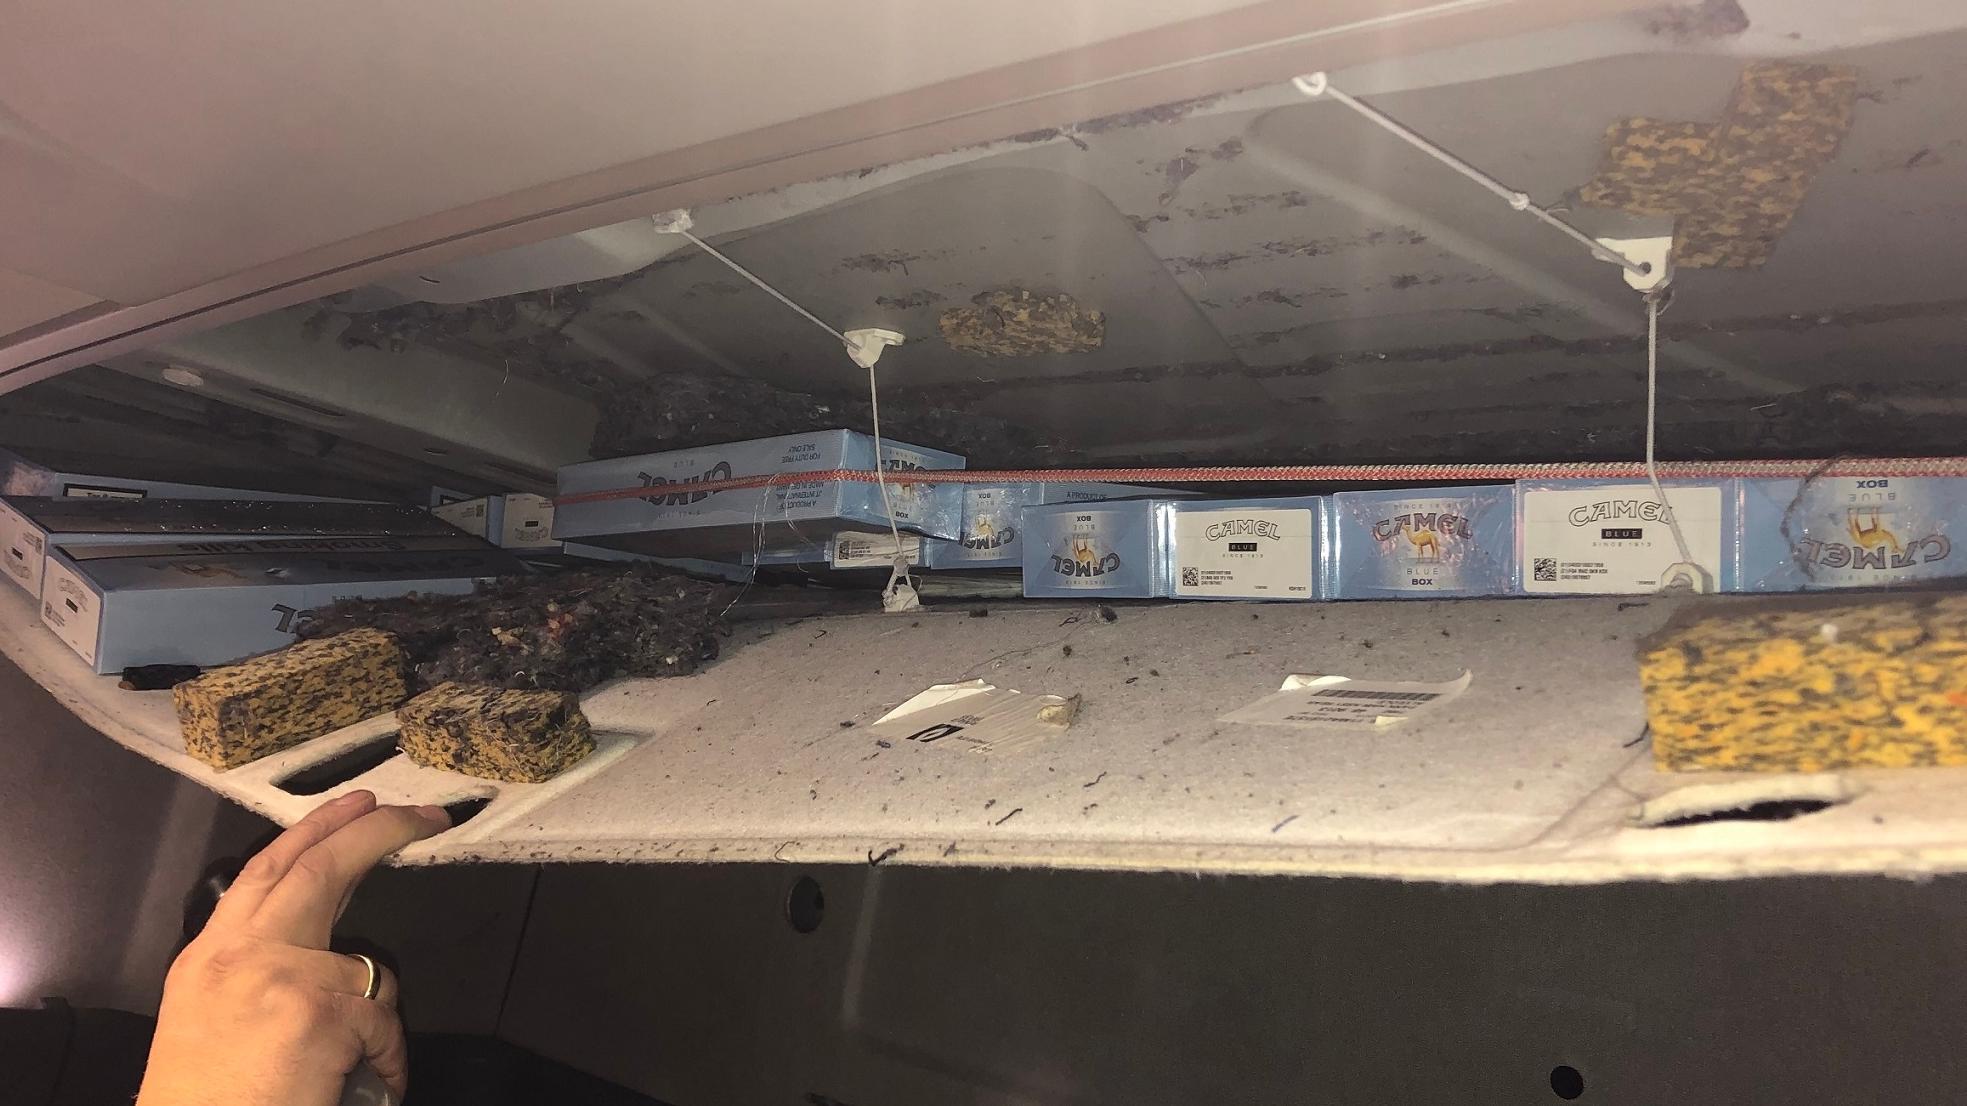 Schmuggelzigaretten in der Dachverkleidung des türkischen Lkw